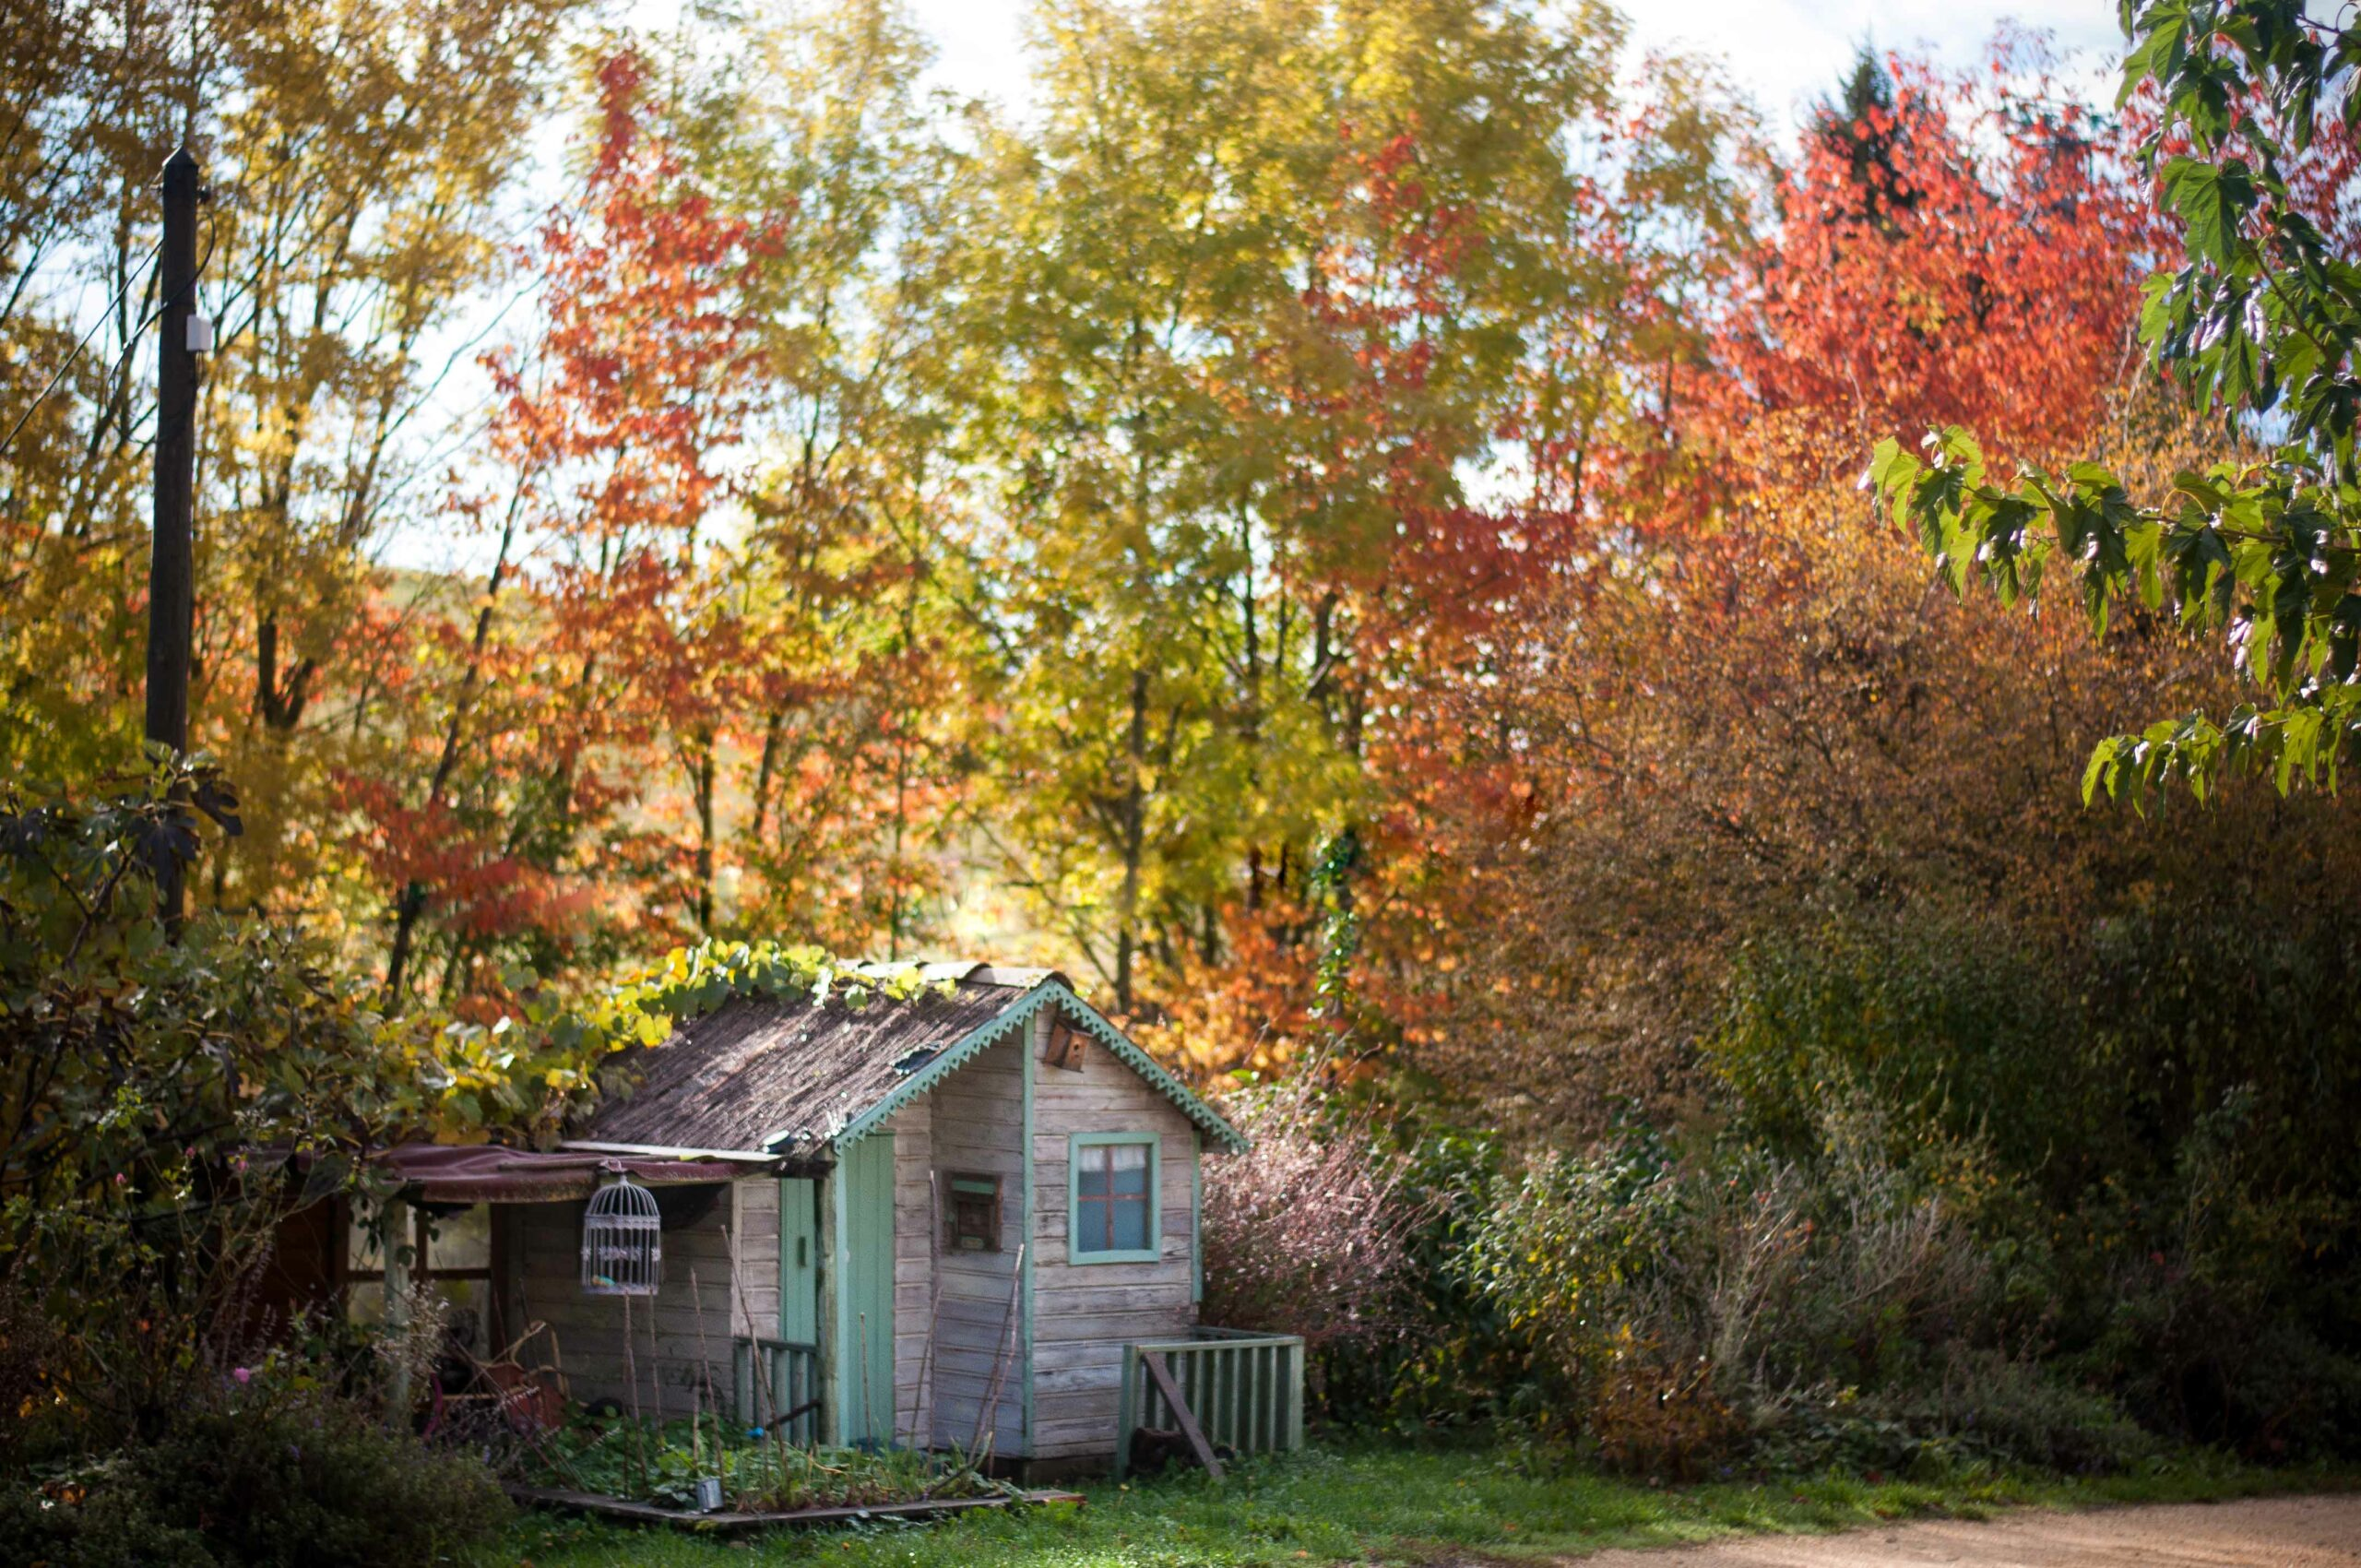 petite maison dans les bois en automne